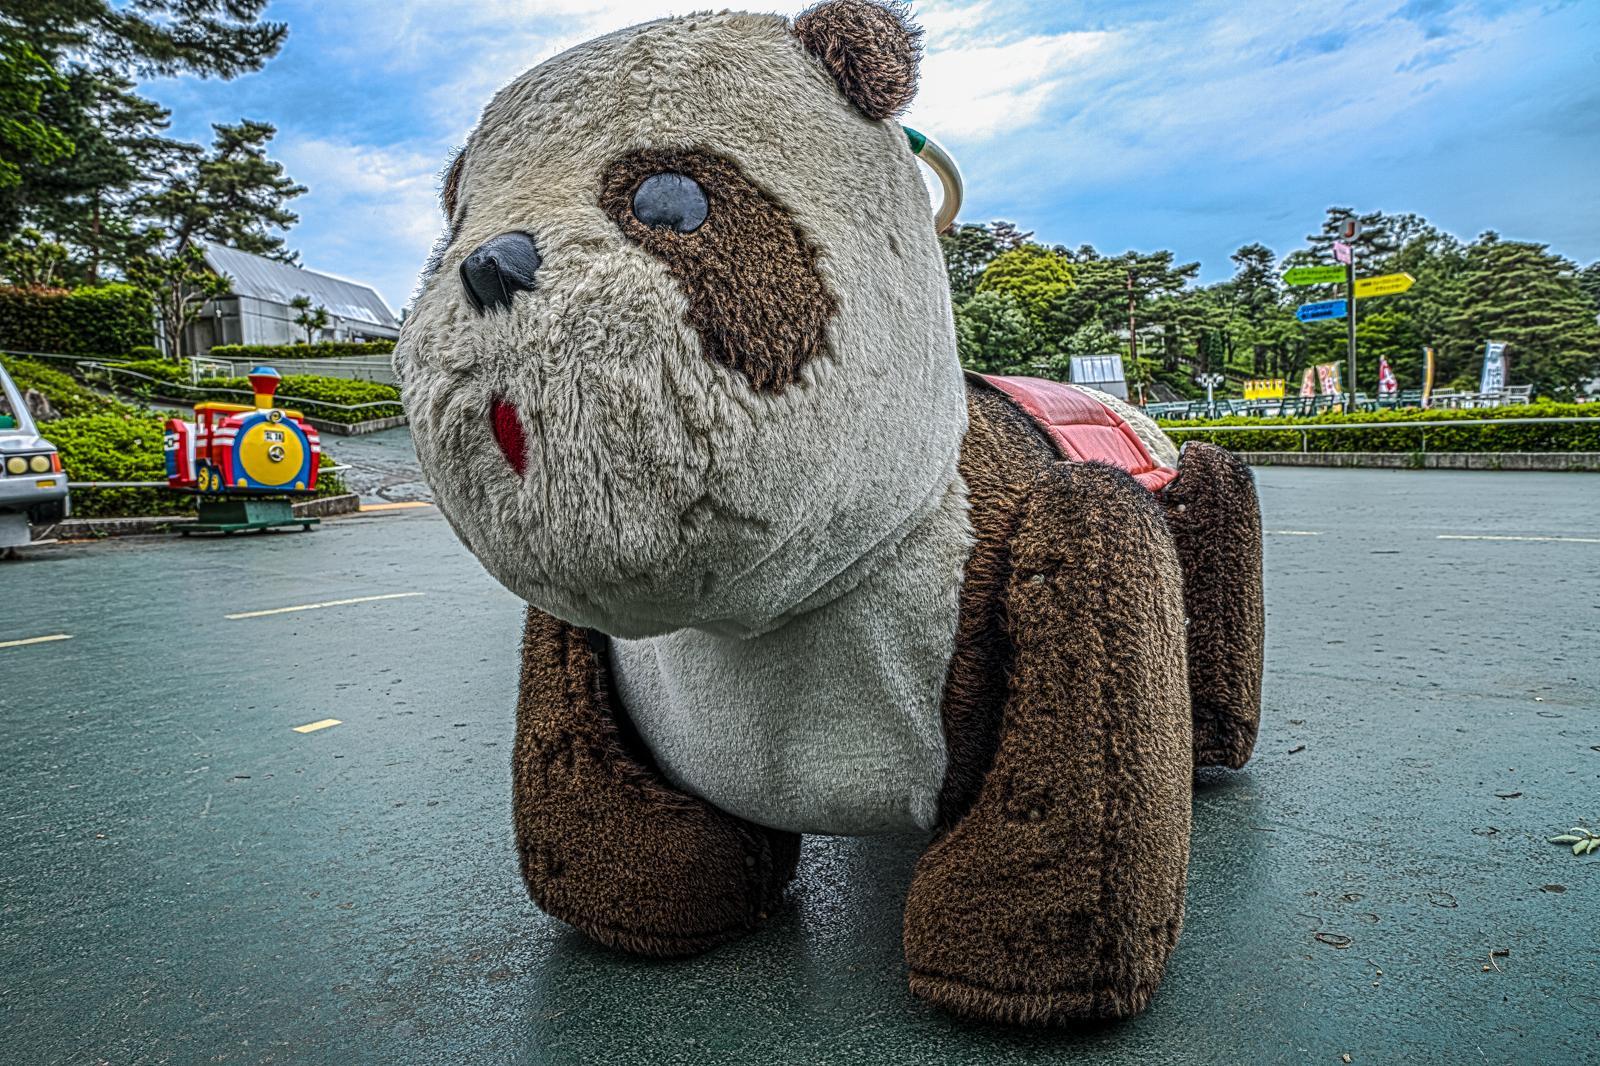 コイン式の熊の乗り物の写真 HDR